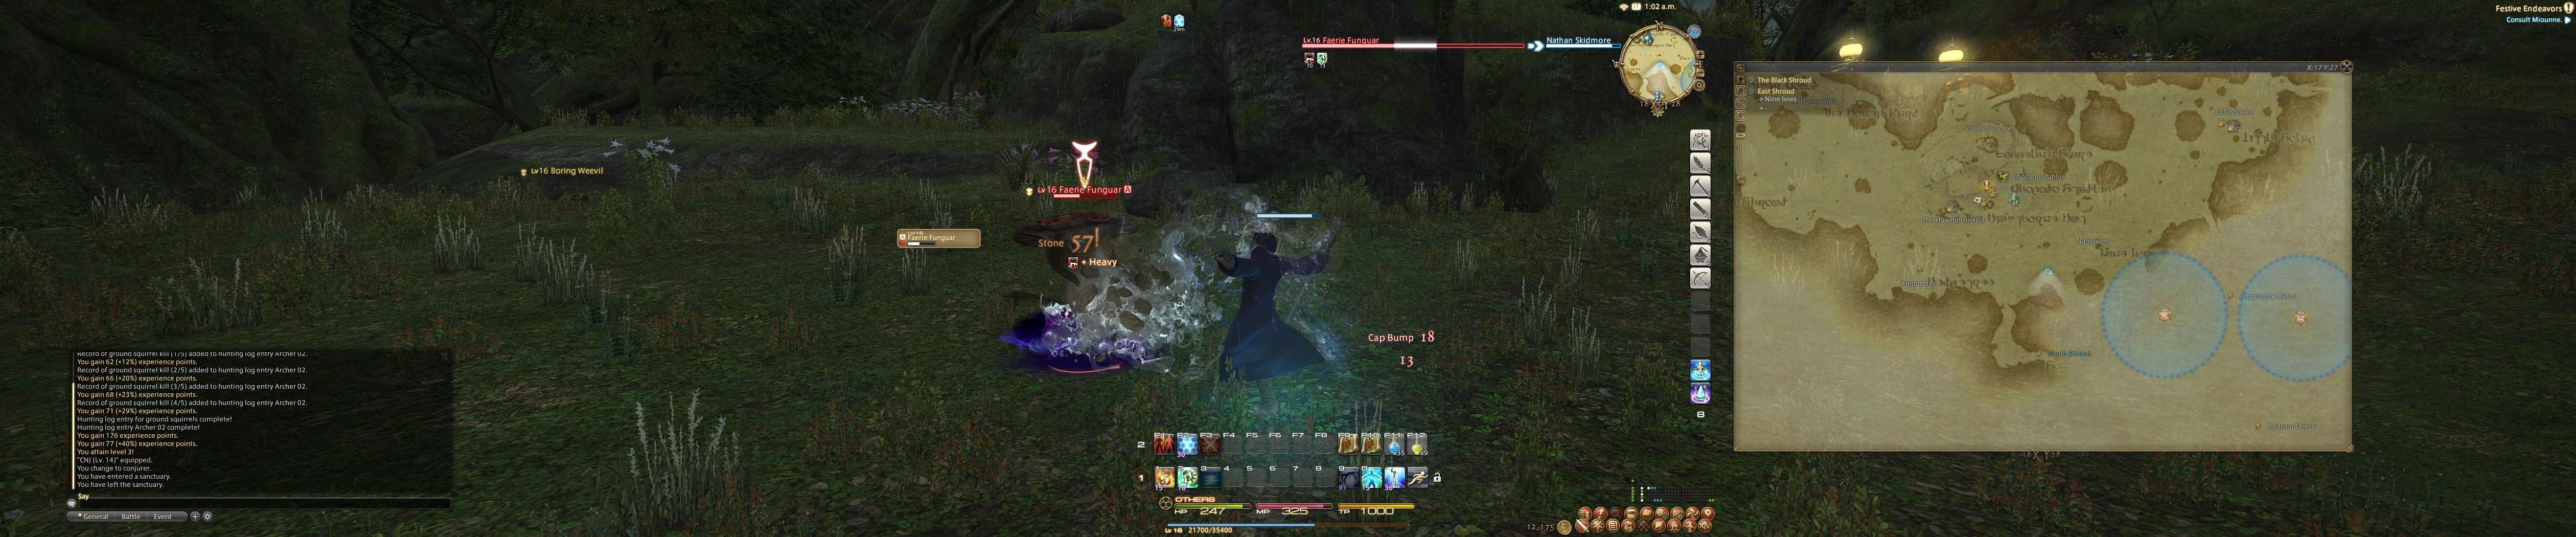 Final Fantasy XIV: A Realm Reborn (Triple Monitors / Eyefinity